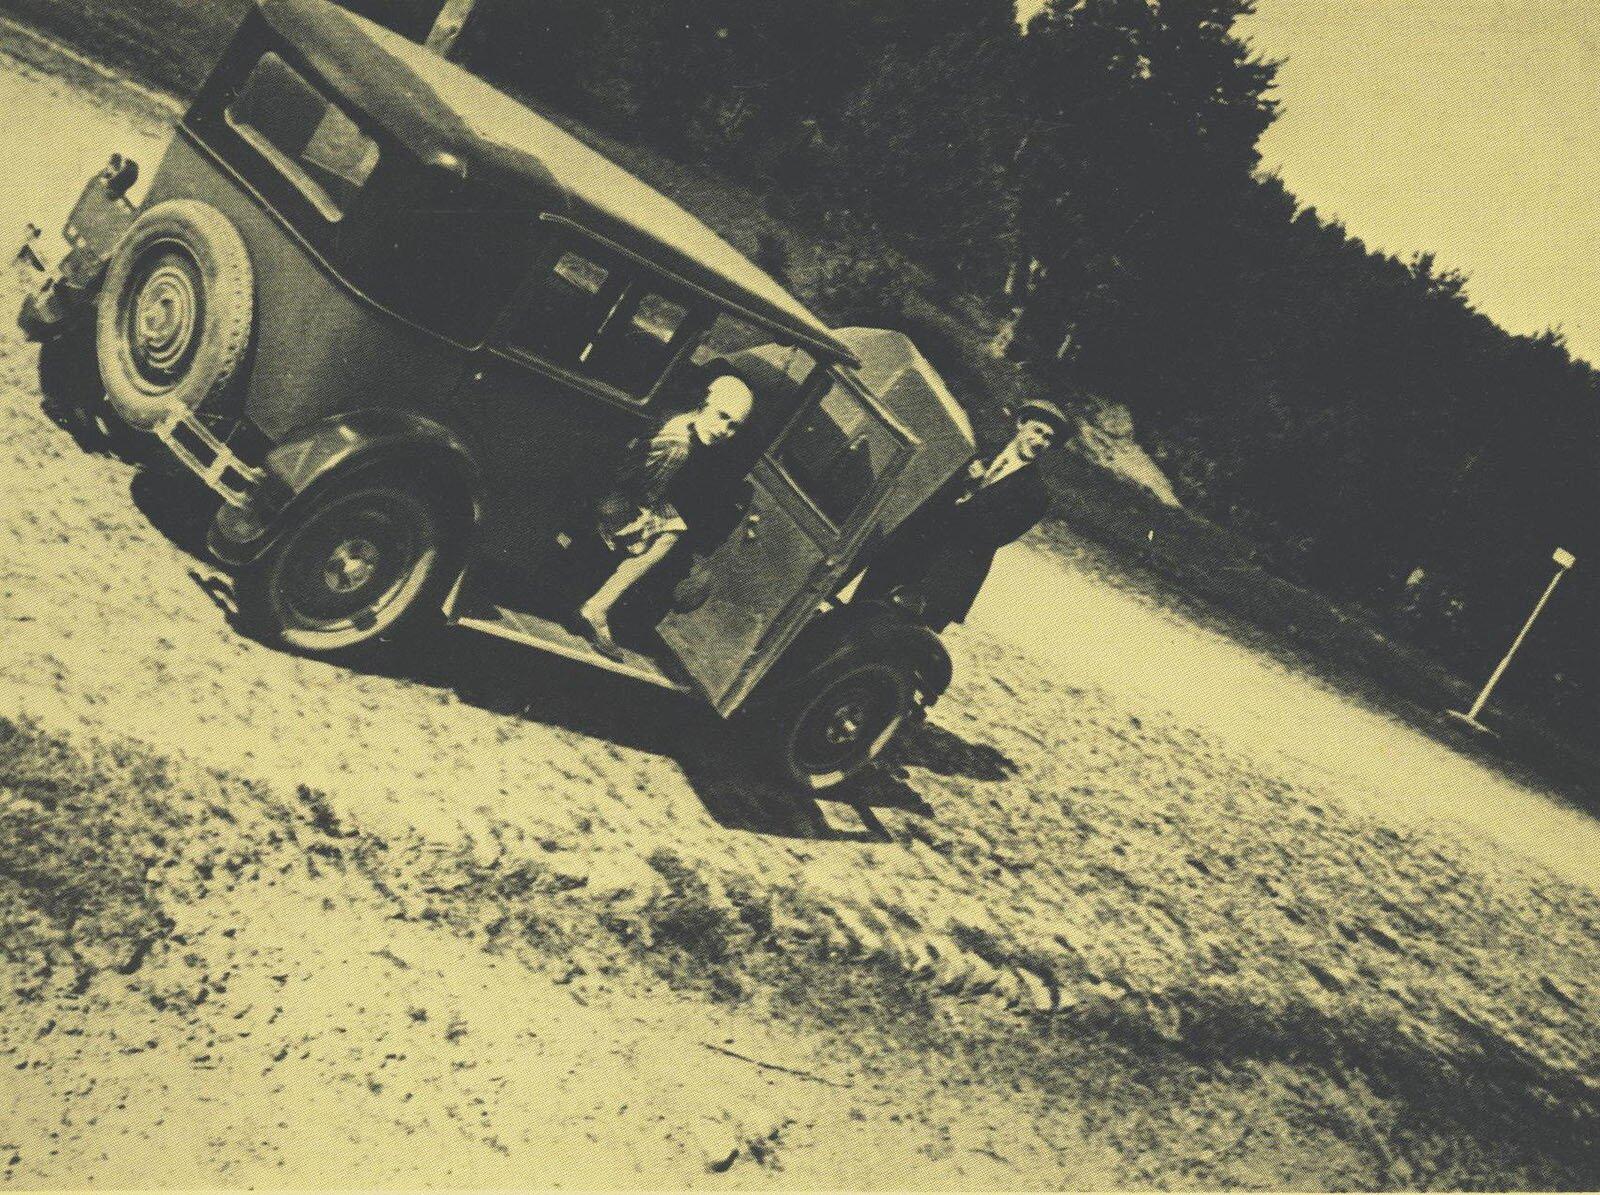 Л. Брик и А. Афанасьев у автомобиля «Рено», купленного В. Маяковским. Москва — Ленинград. 1929 год. Государственный музей В.В. Маяковского